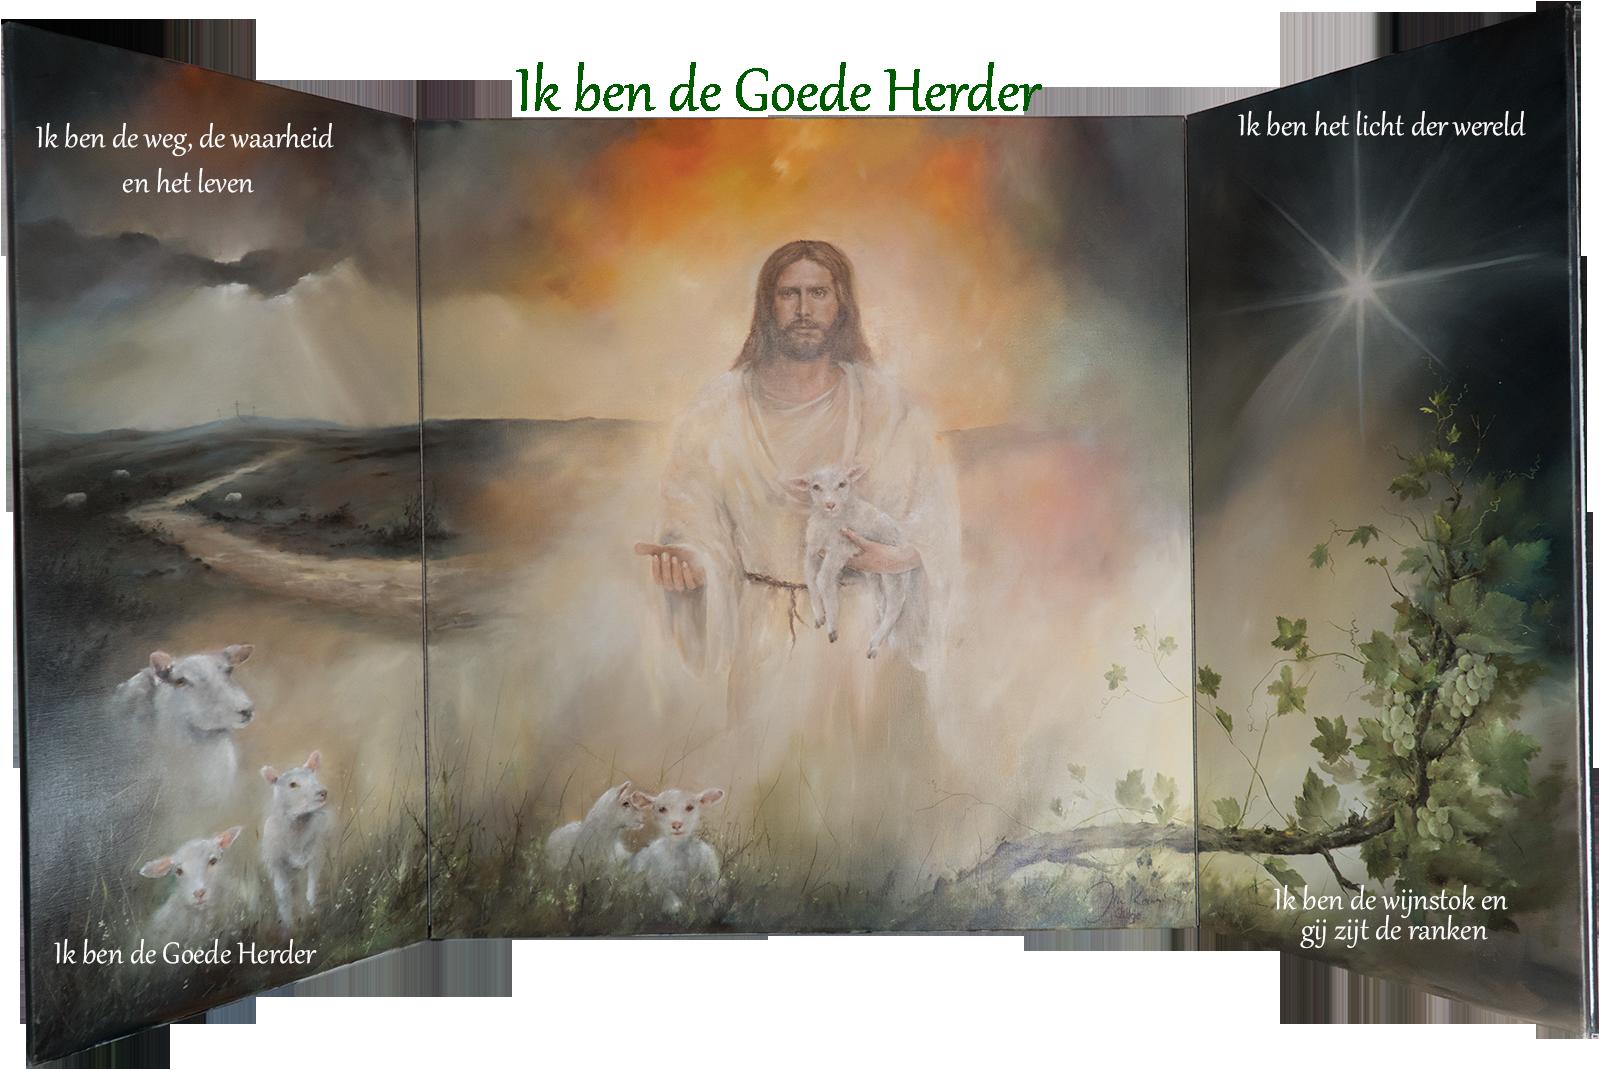 Drieluik: ik ben de Goede Herder. Schilder Jan Kooistra. Te zien in de galerie in Dokkum